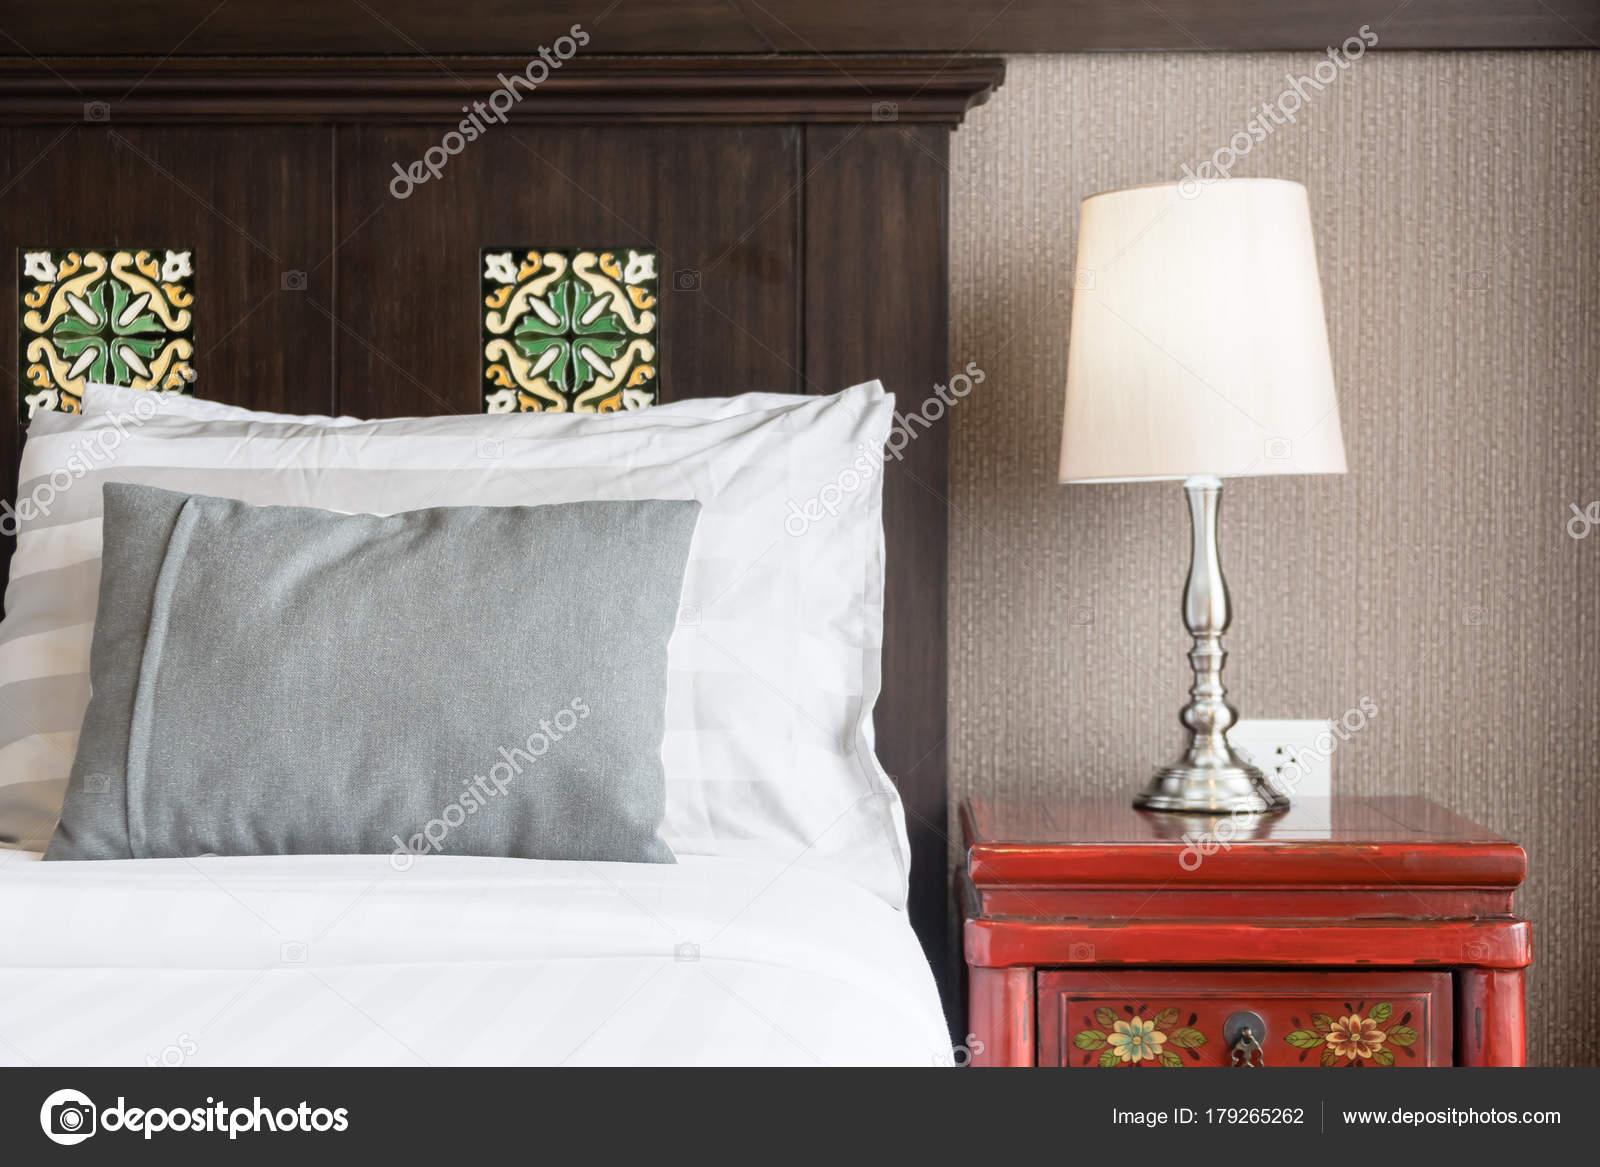 Wunderbar Komfort Kissen Auf Dem Bett Mit Lampe Dekoration Hotel Schlafzimmer U2014  Stockfoto